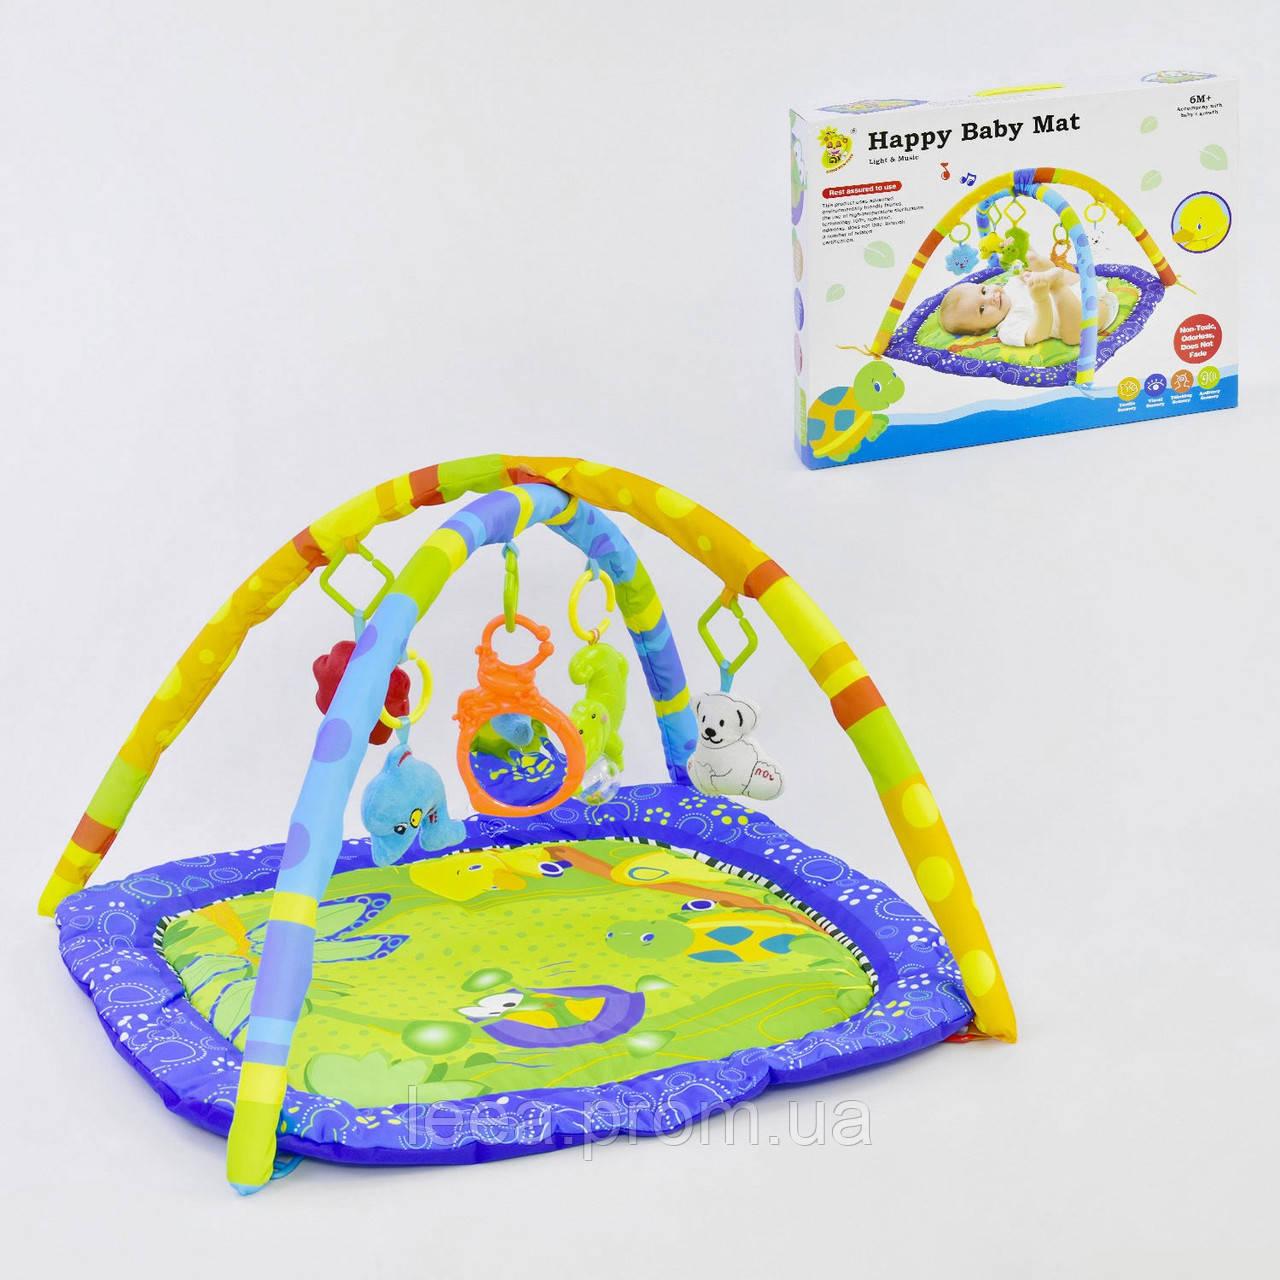 Развивающий игровой музыкальный коврик D 076 с подвесными игрушками